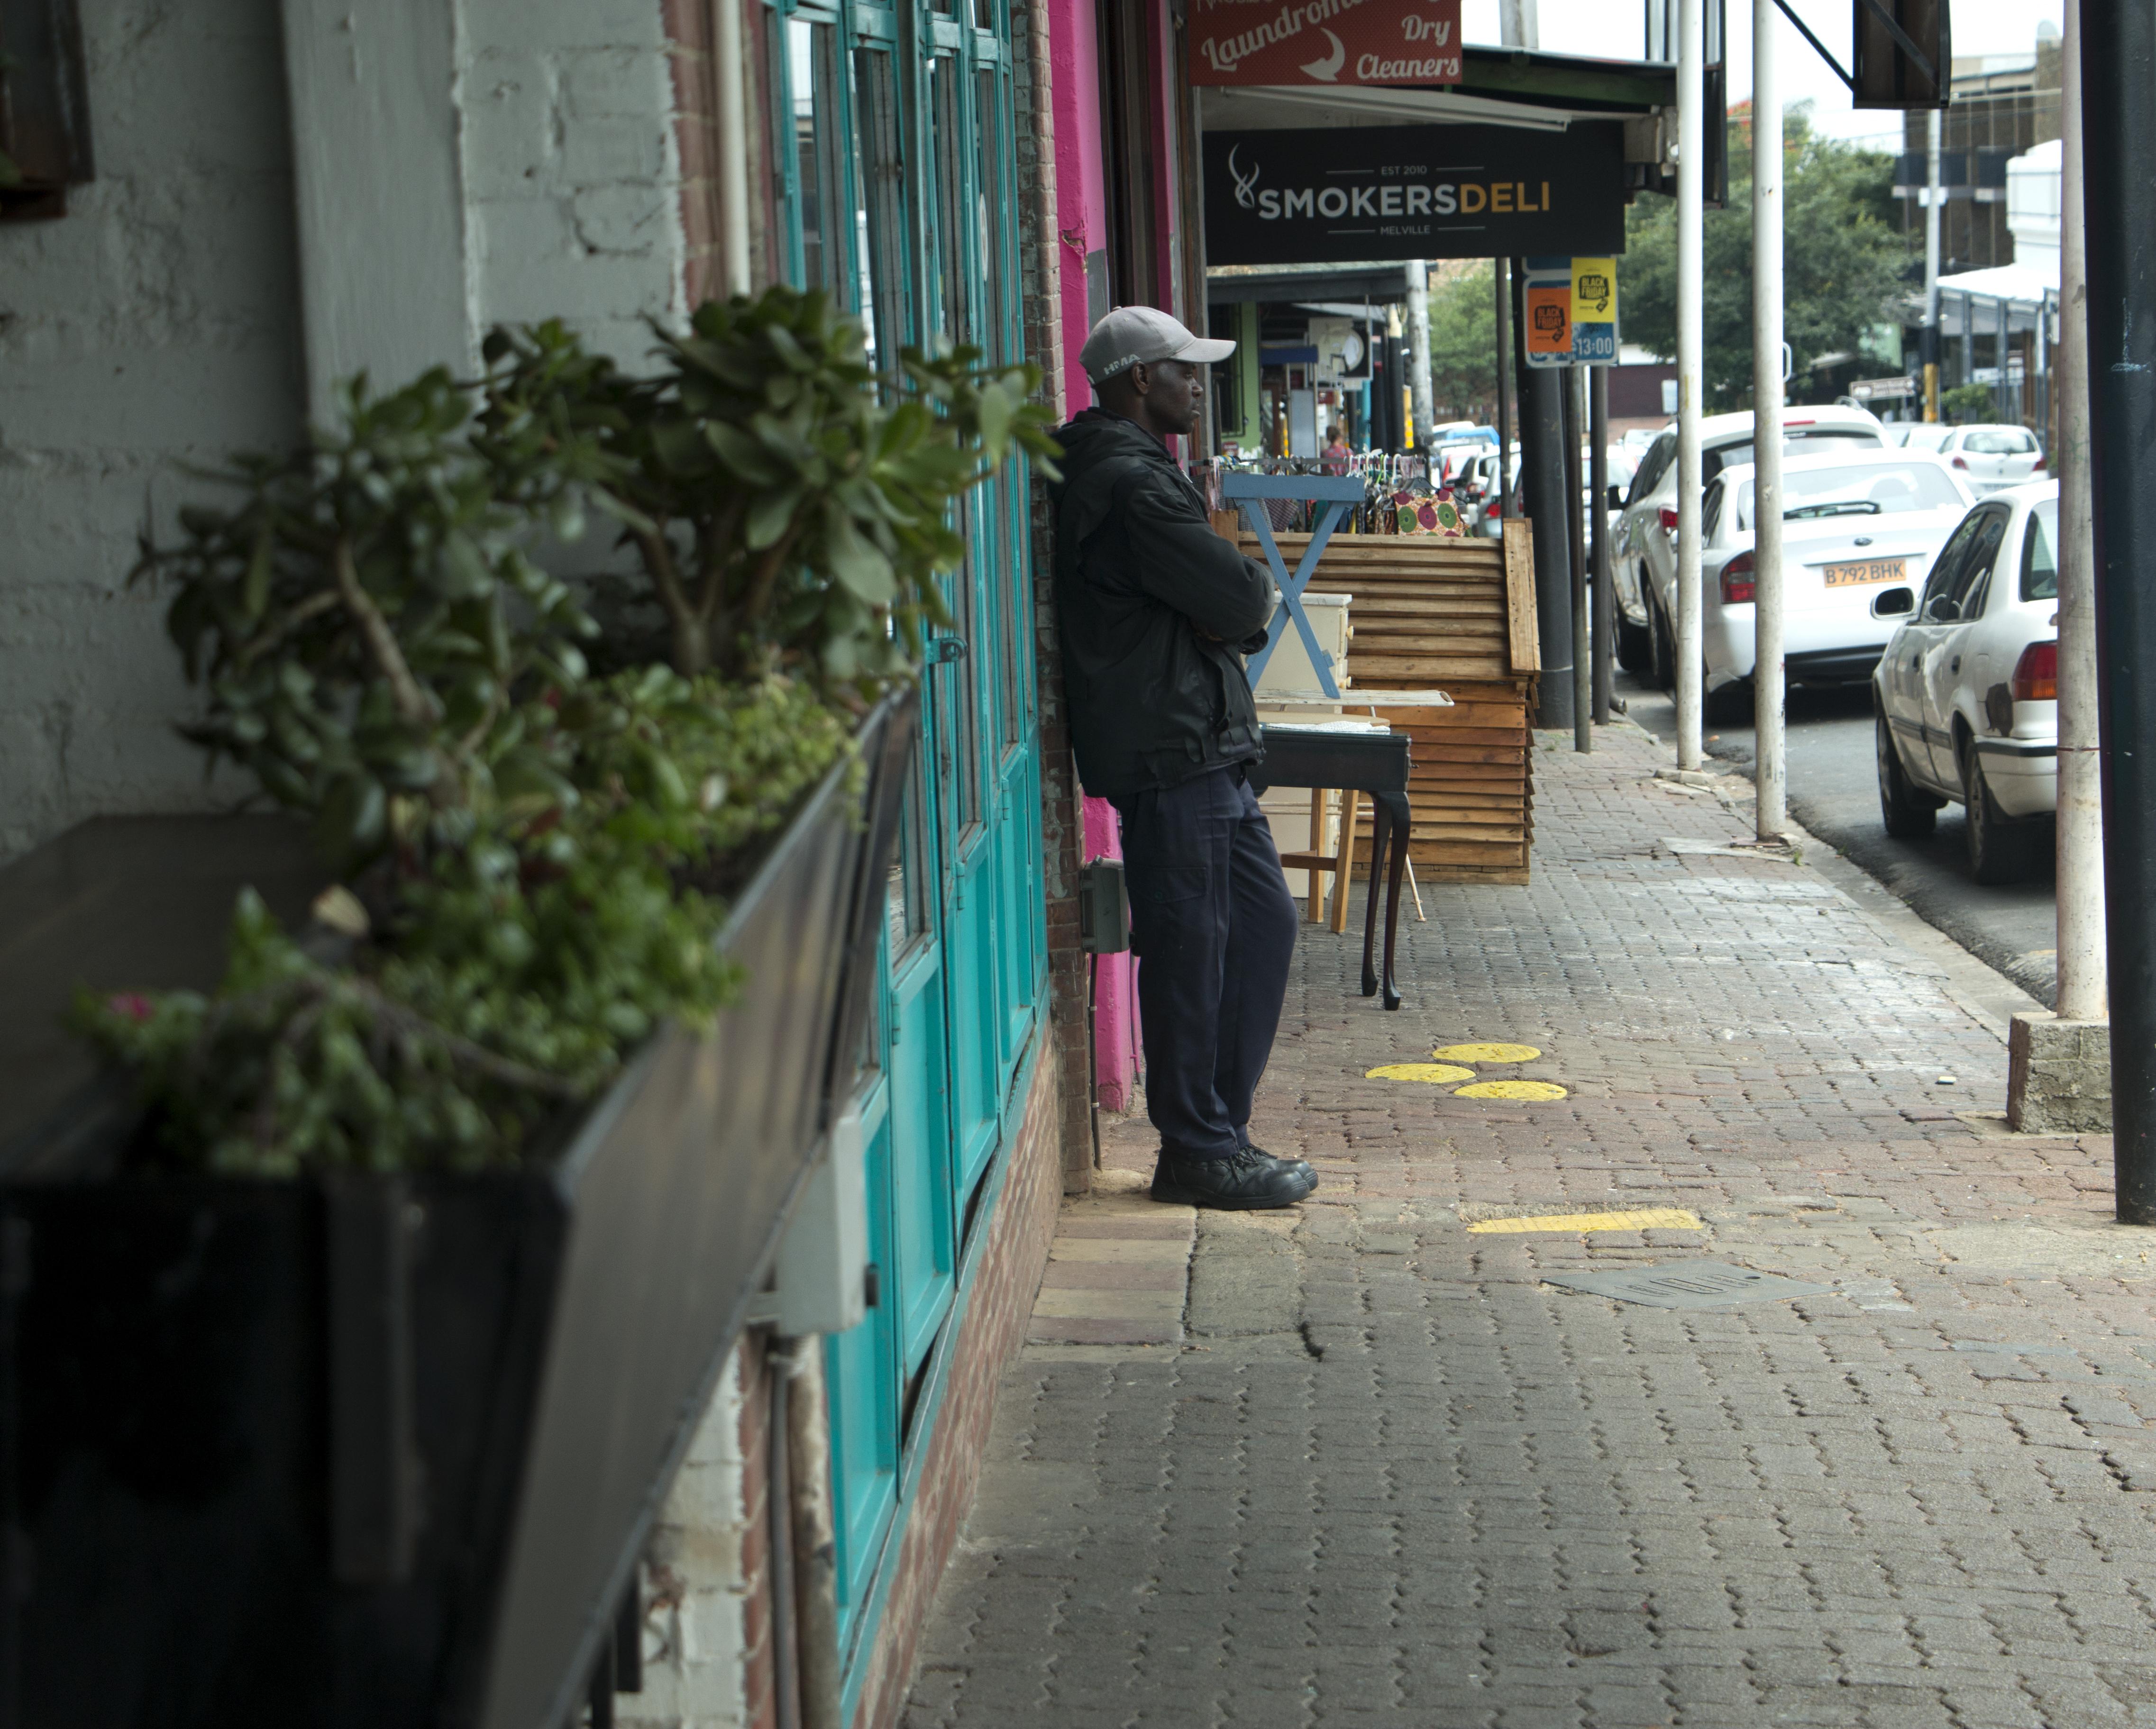 Man on sidewalk